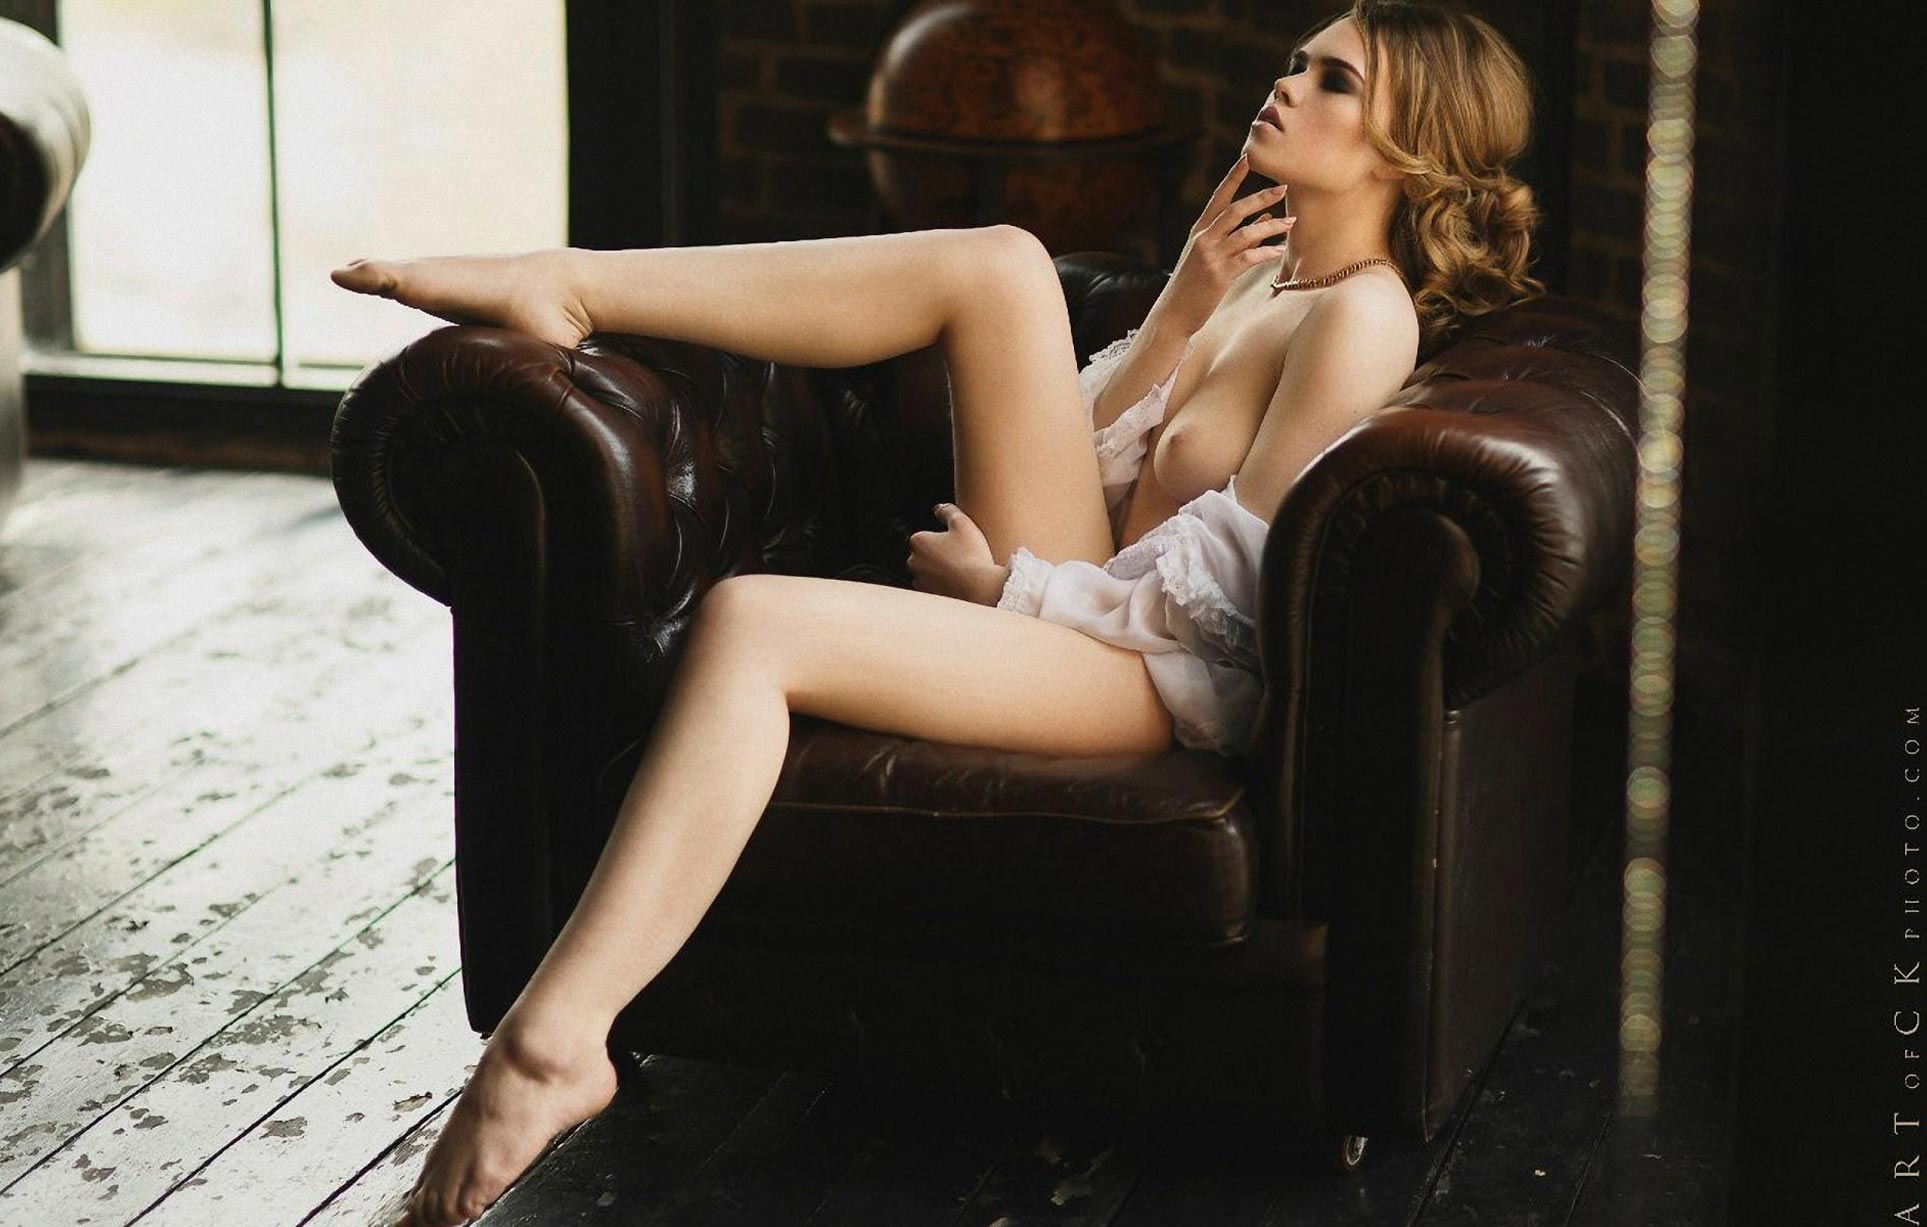 голая модель в винтажных интерьерах / сексуальная Эллина Мюллер / фото 17